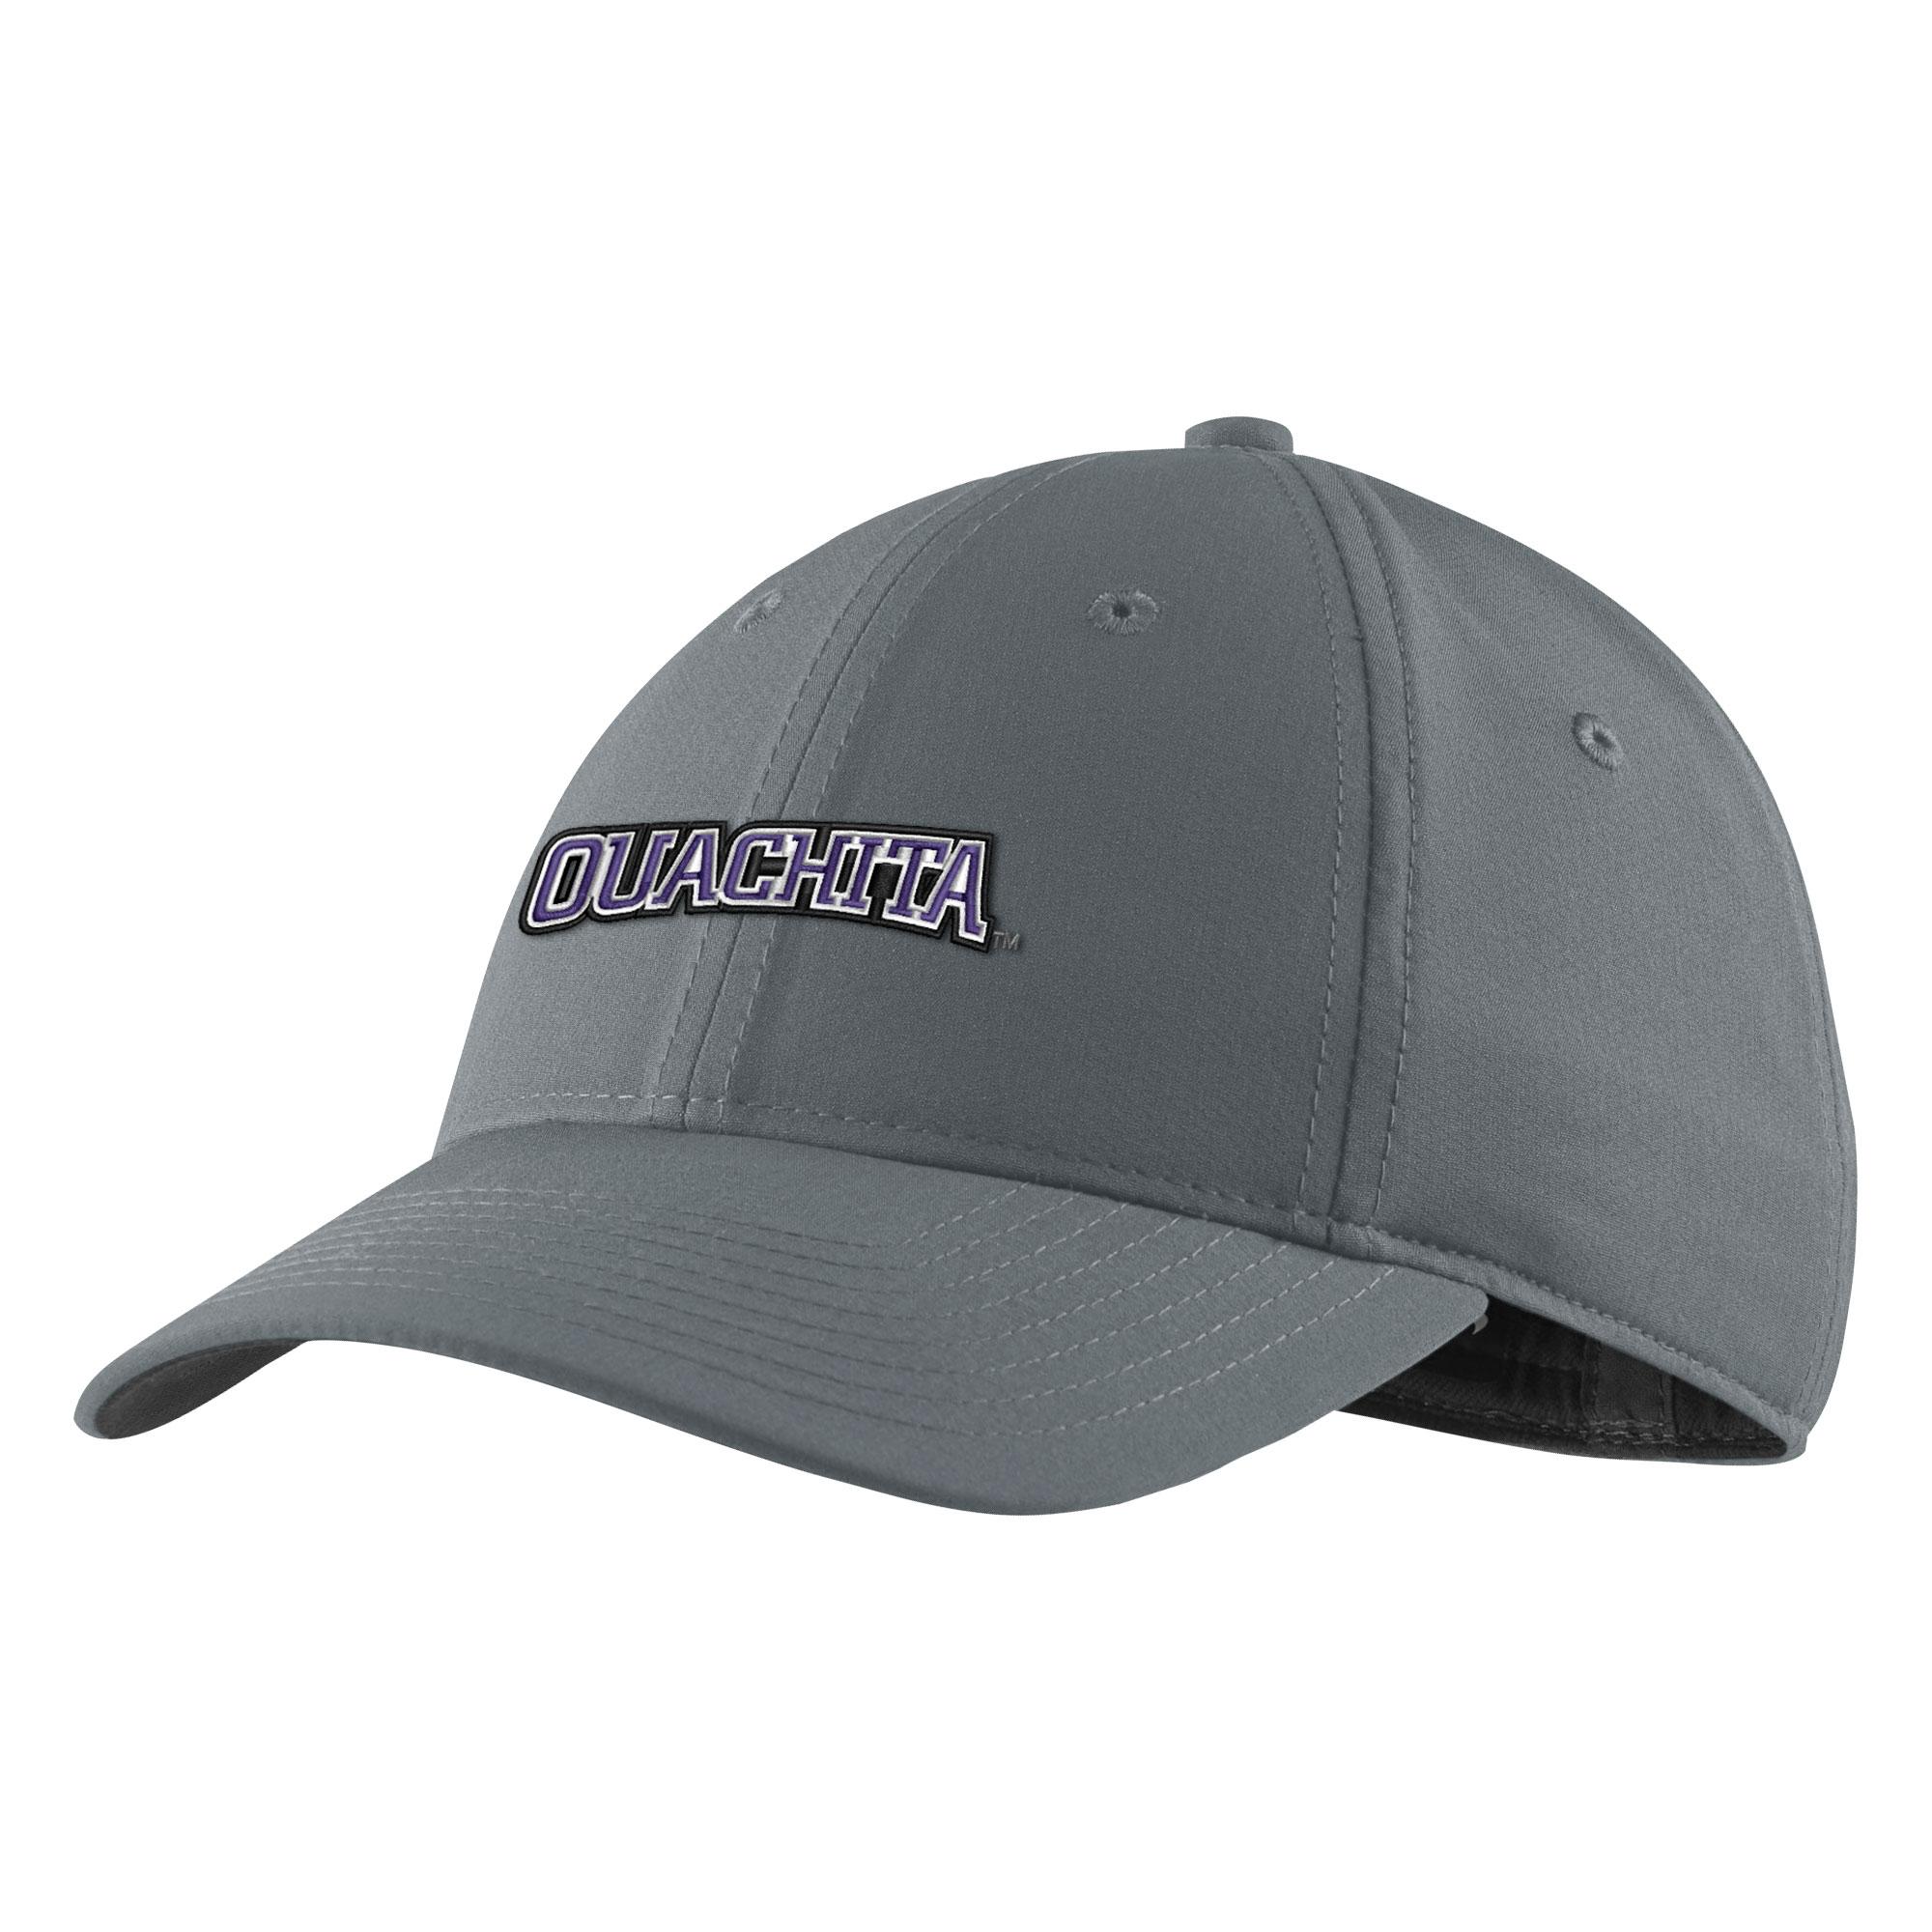 image of: OUACHITA WORDMARK NIKE GOLF FLEX CAP